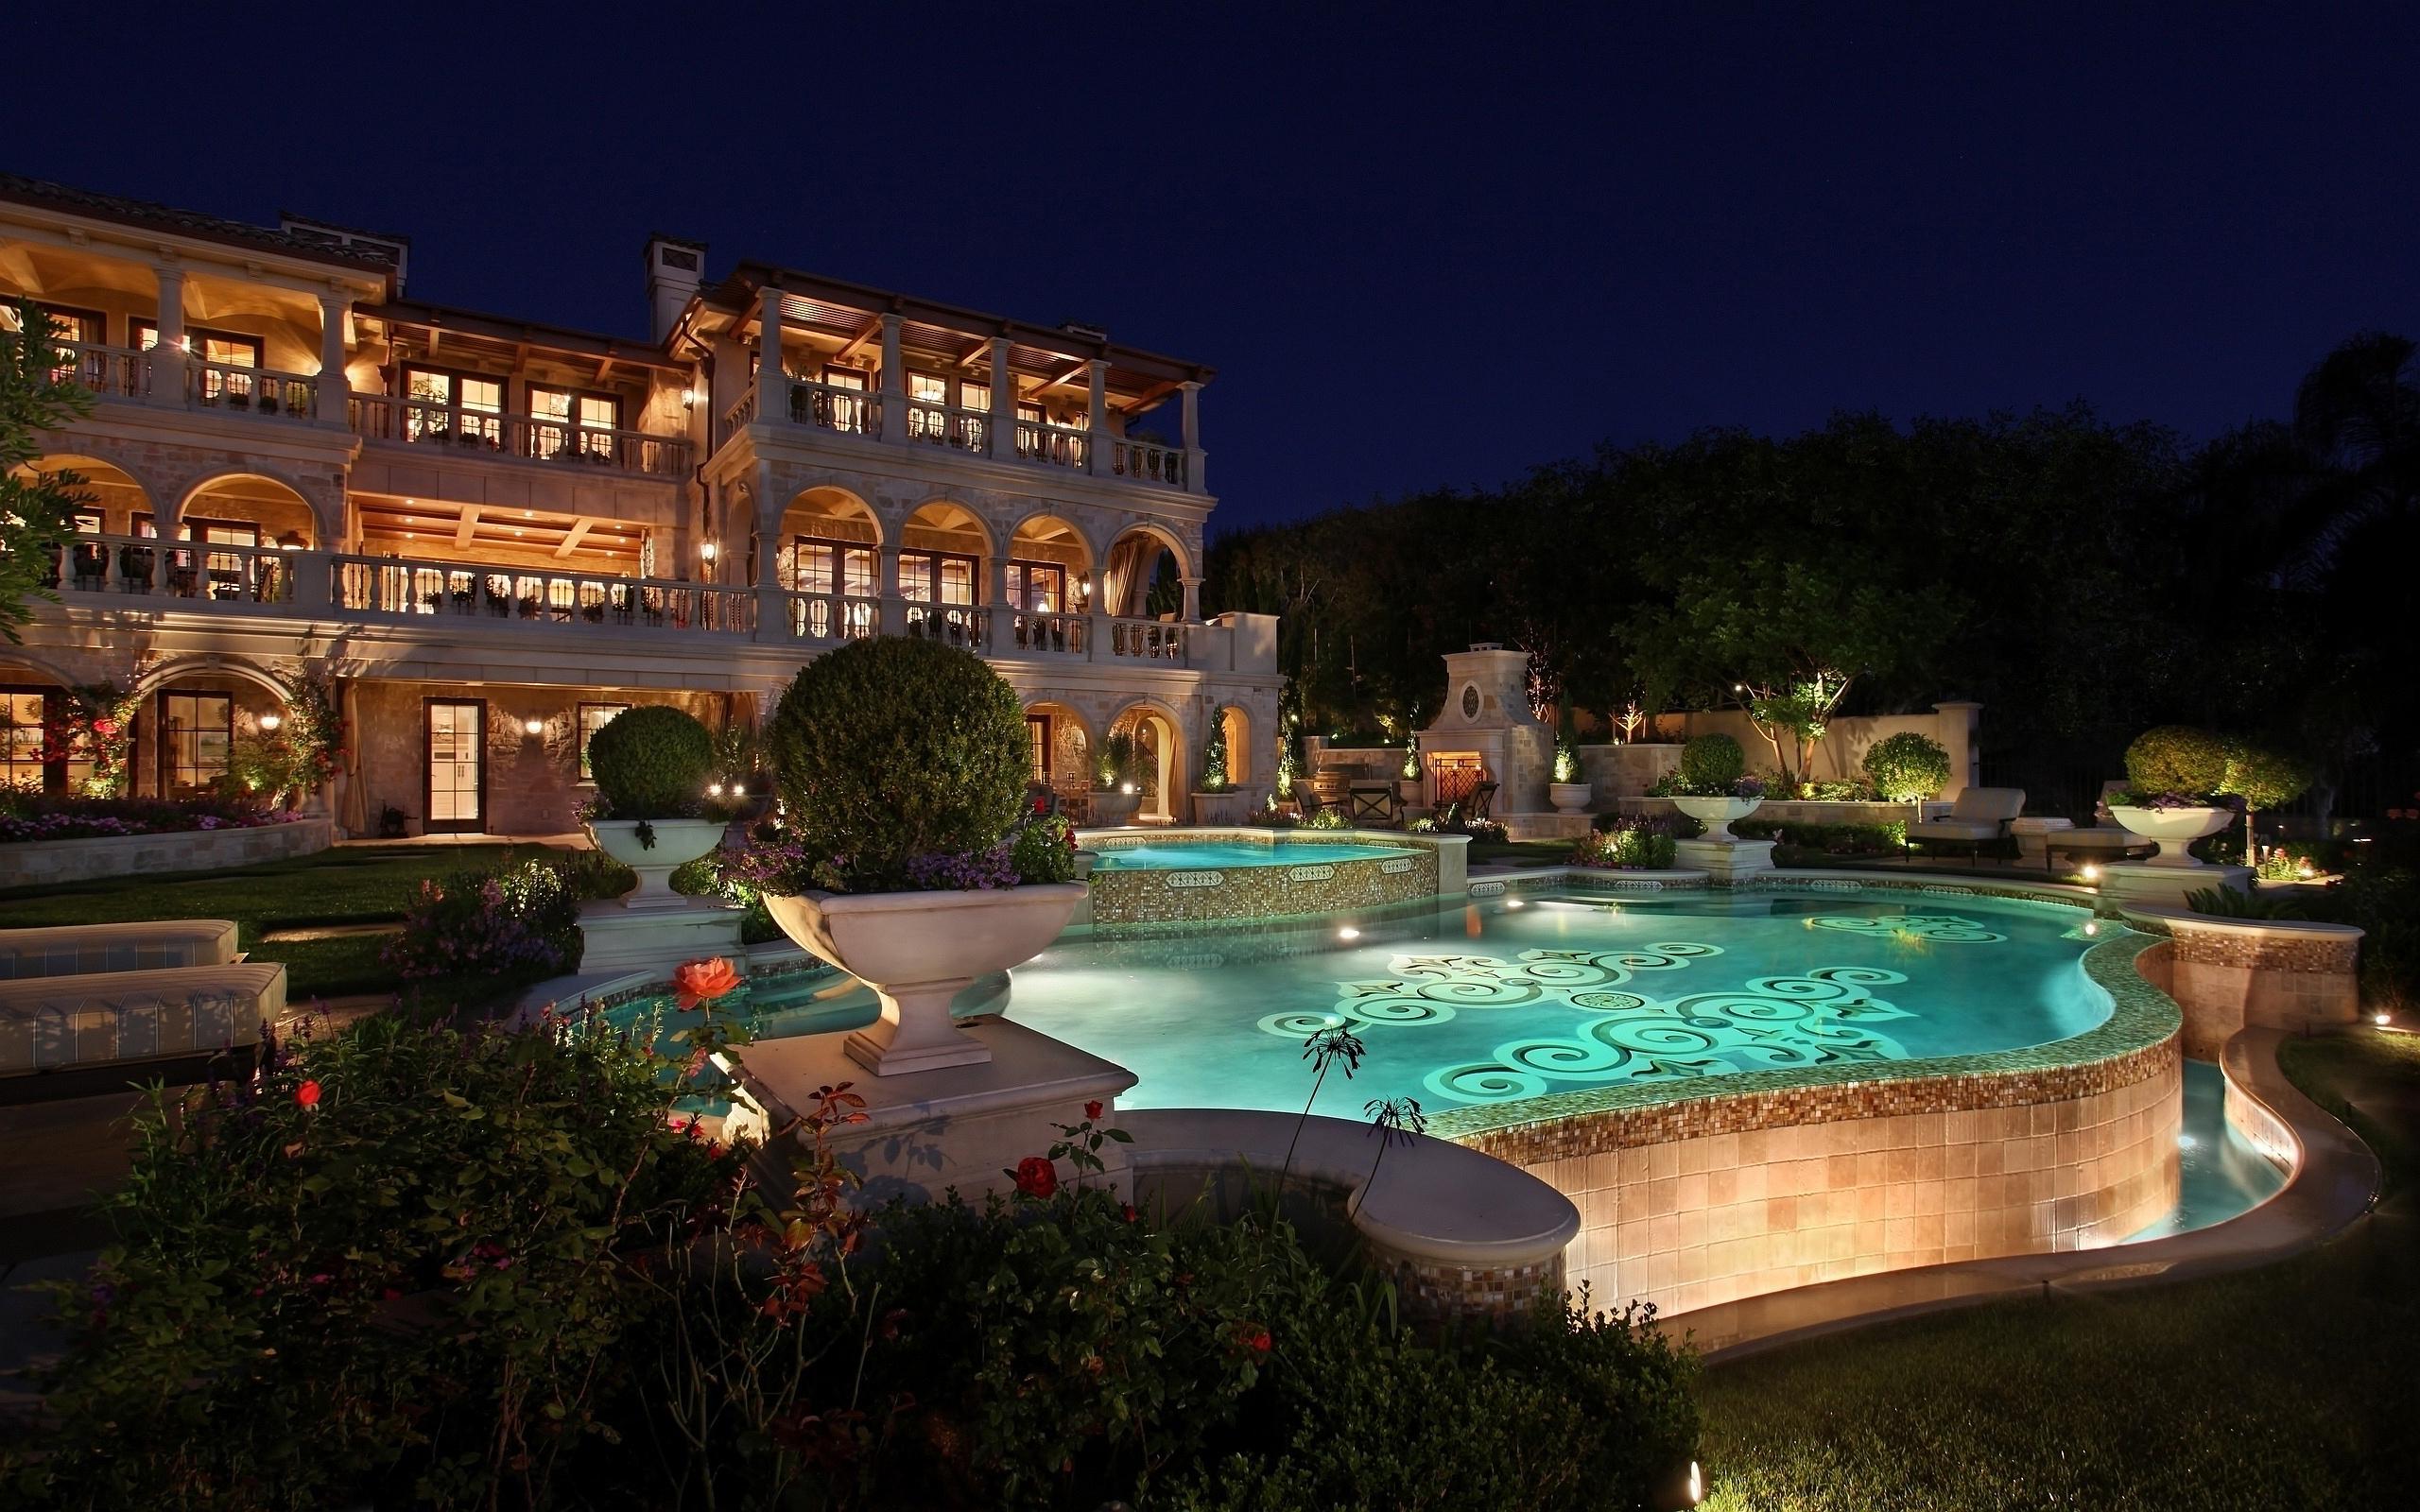 Evening luxury resort